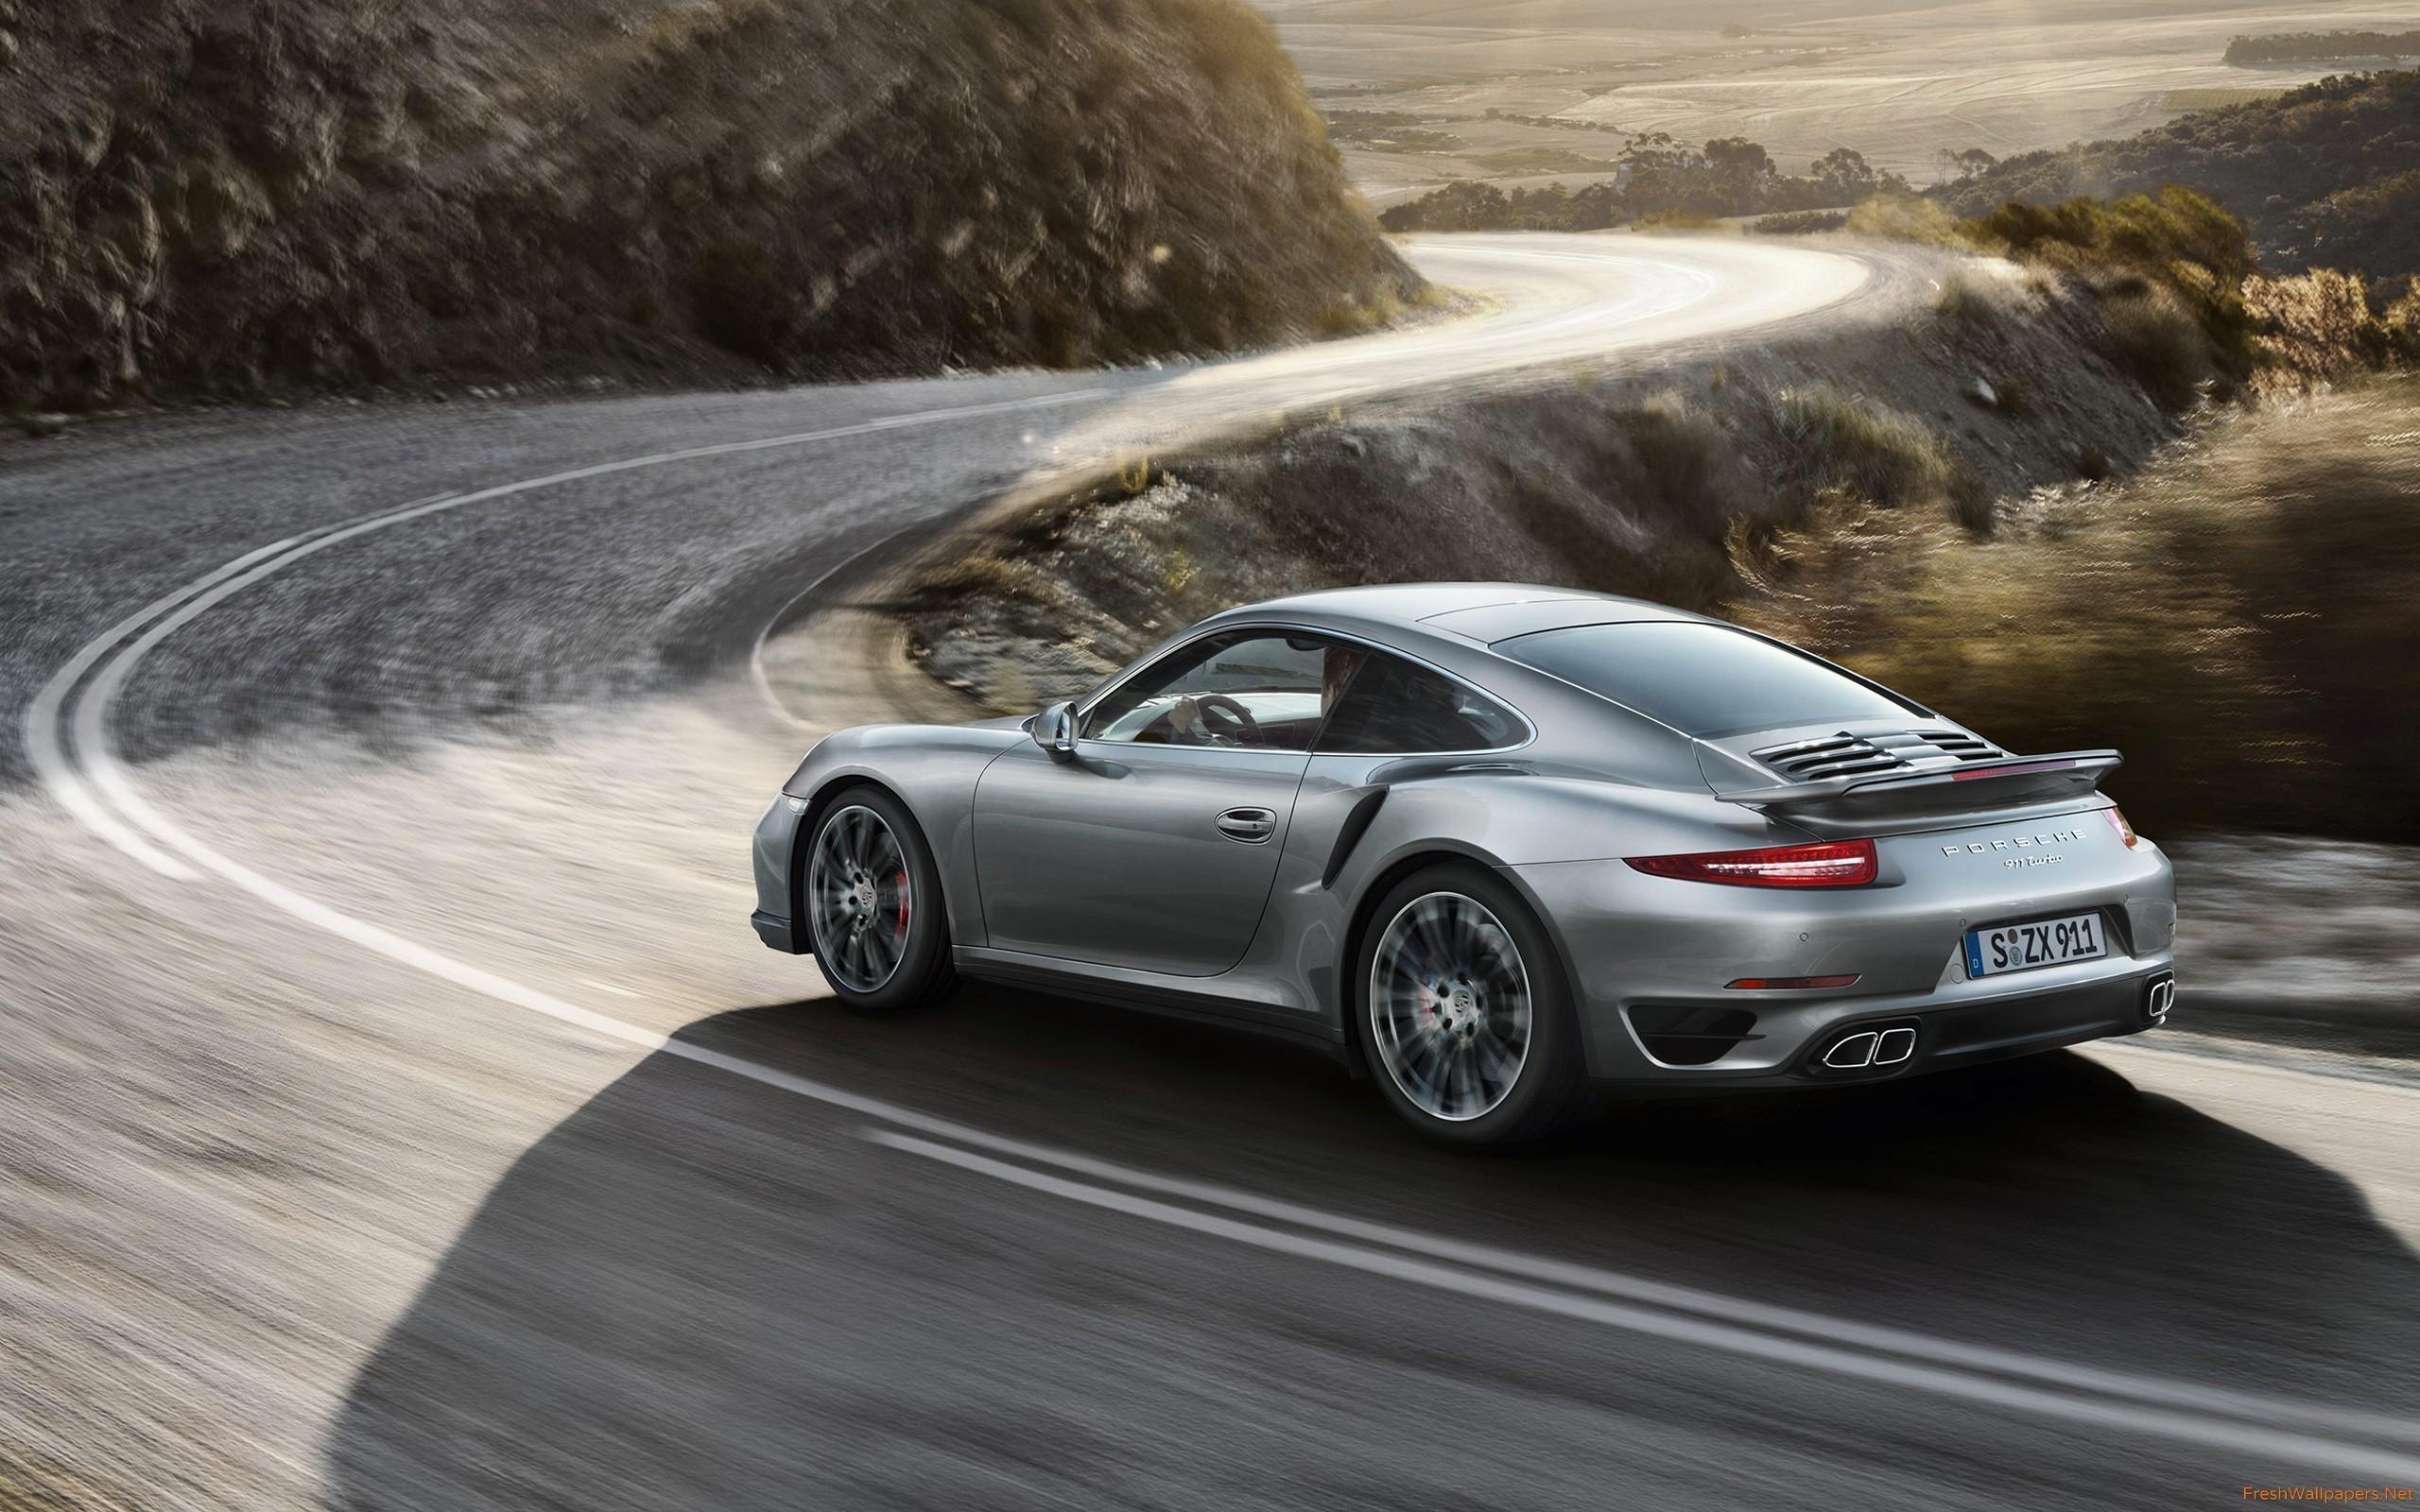 Porsche 911 Turbo 1080p Wallpapers